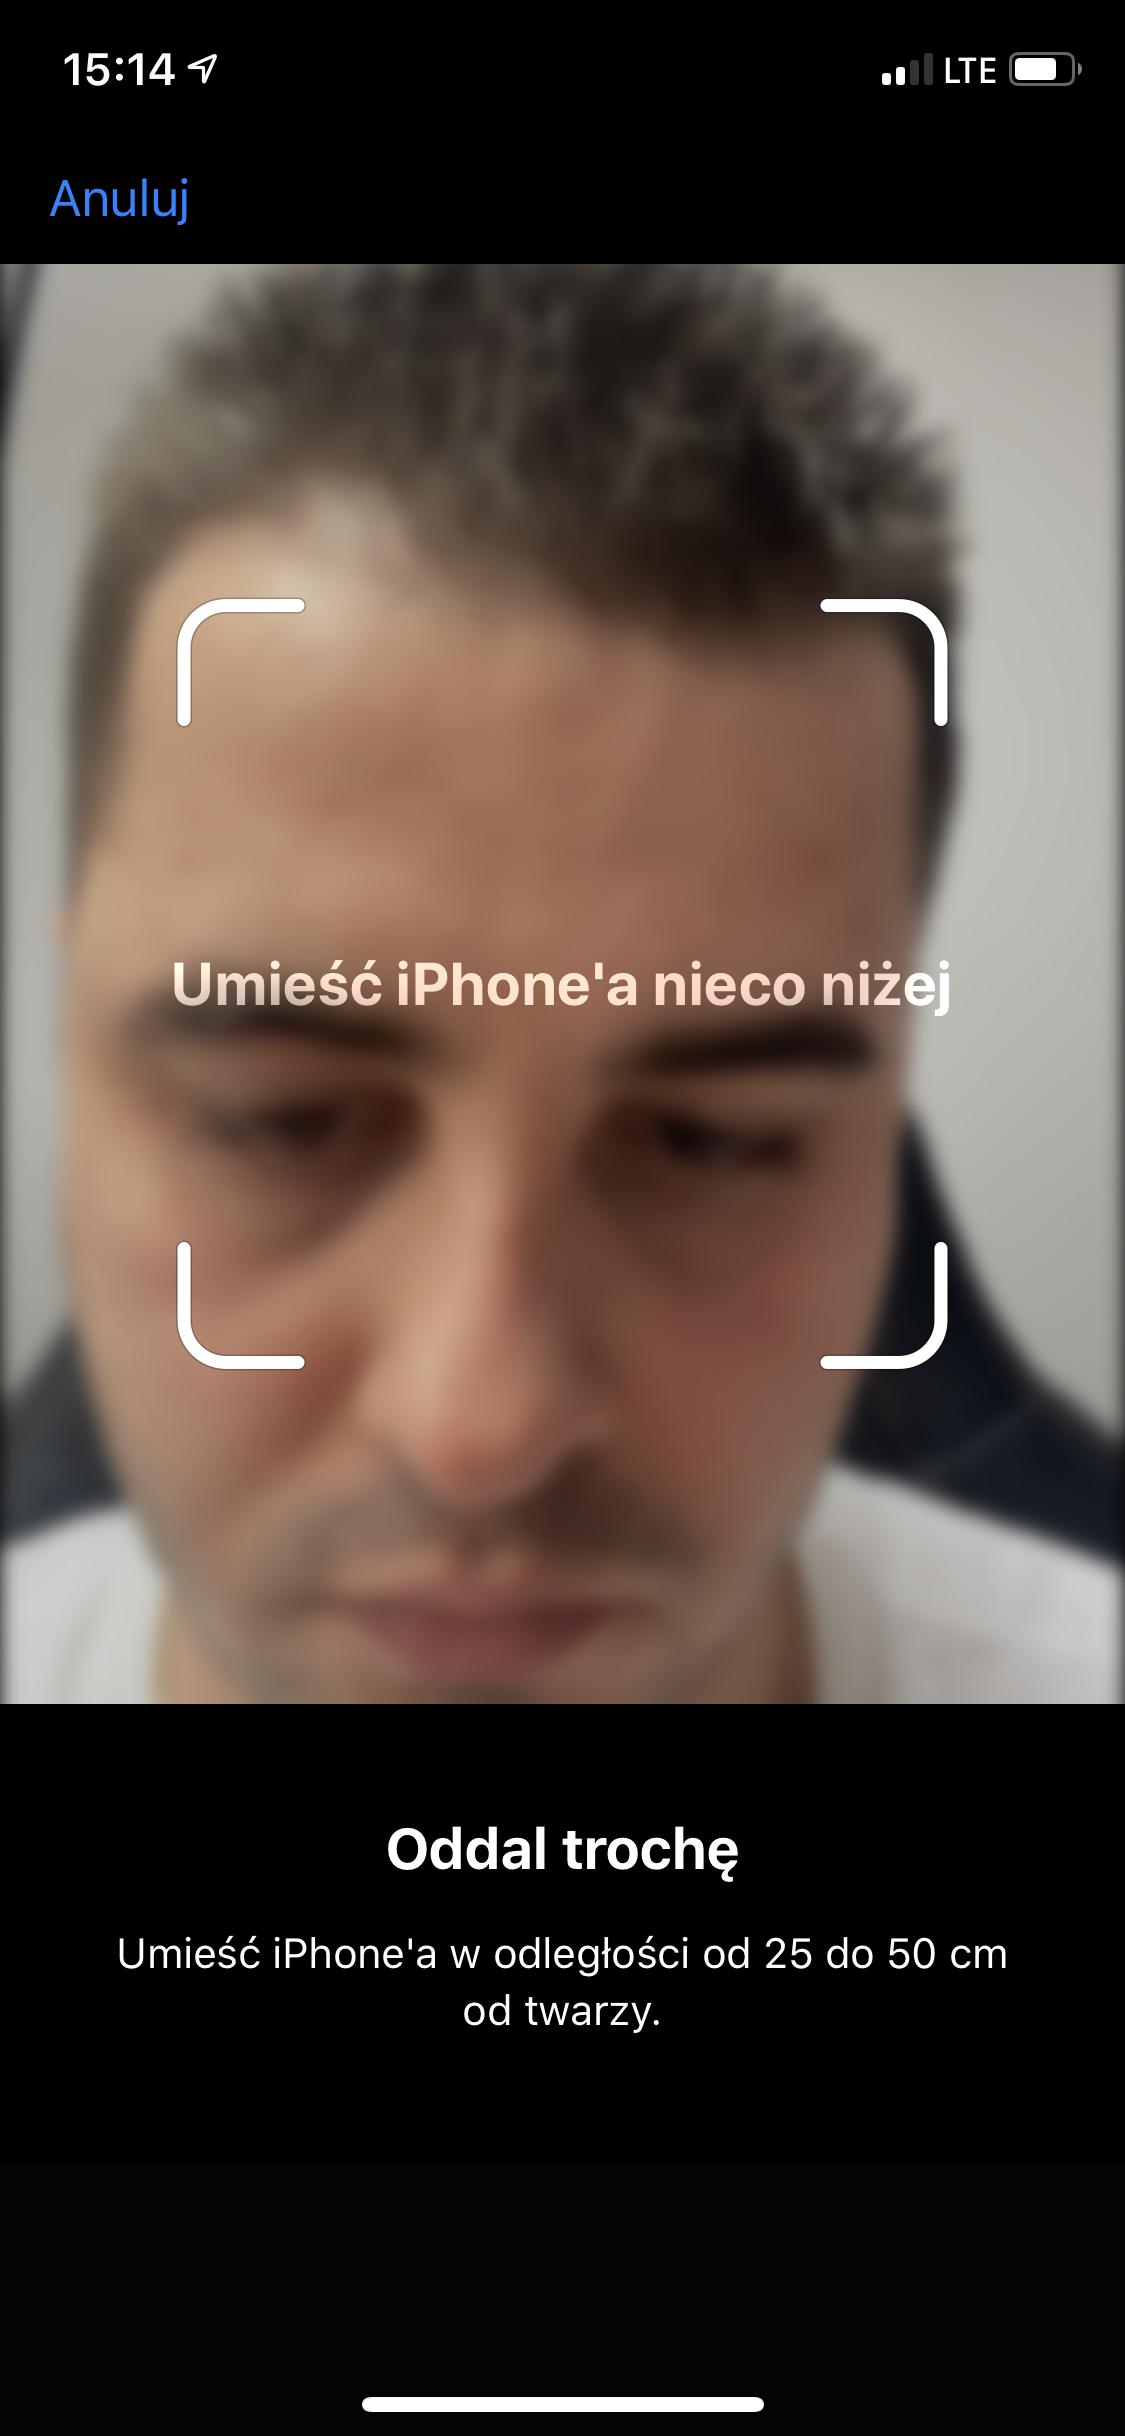 umieść iphone nieco niżej w iphone z uszkodzonym face id